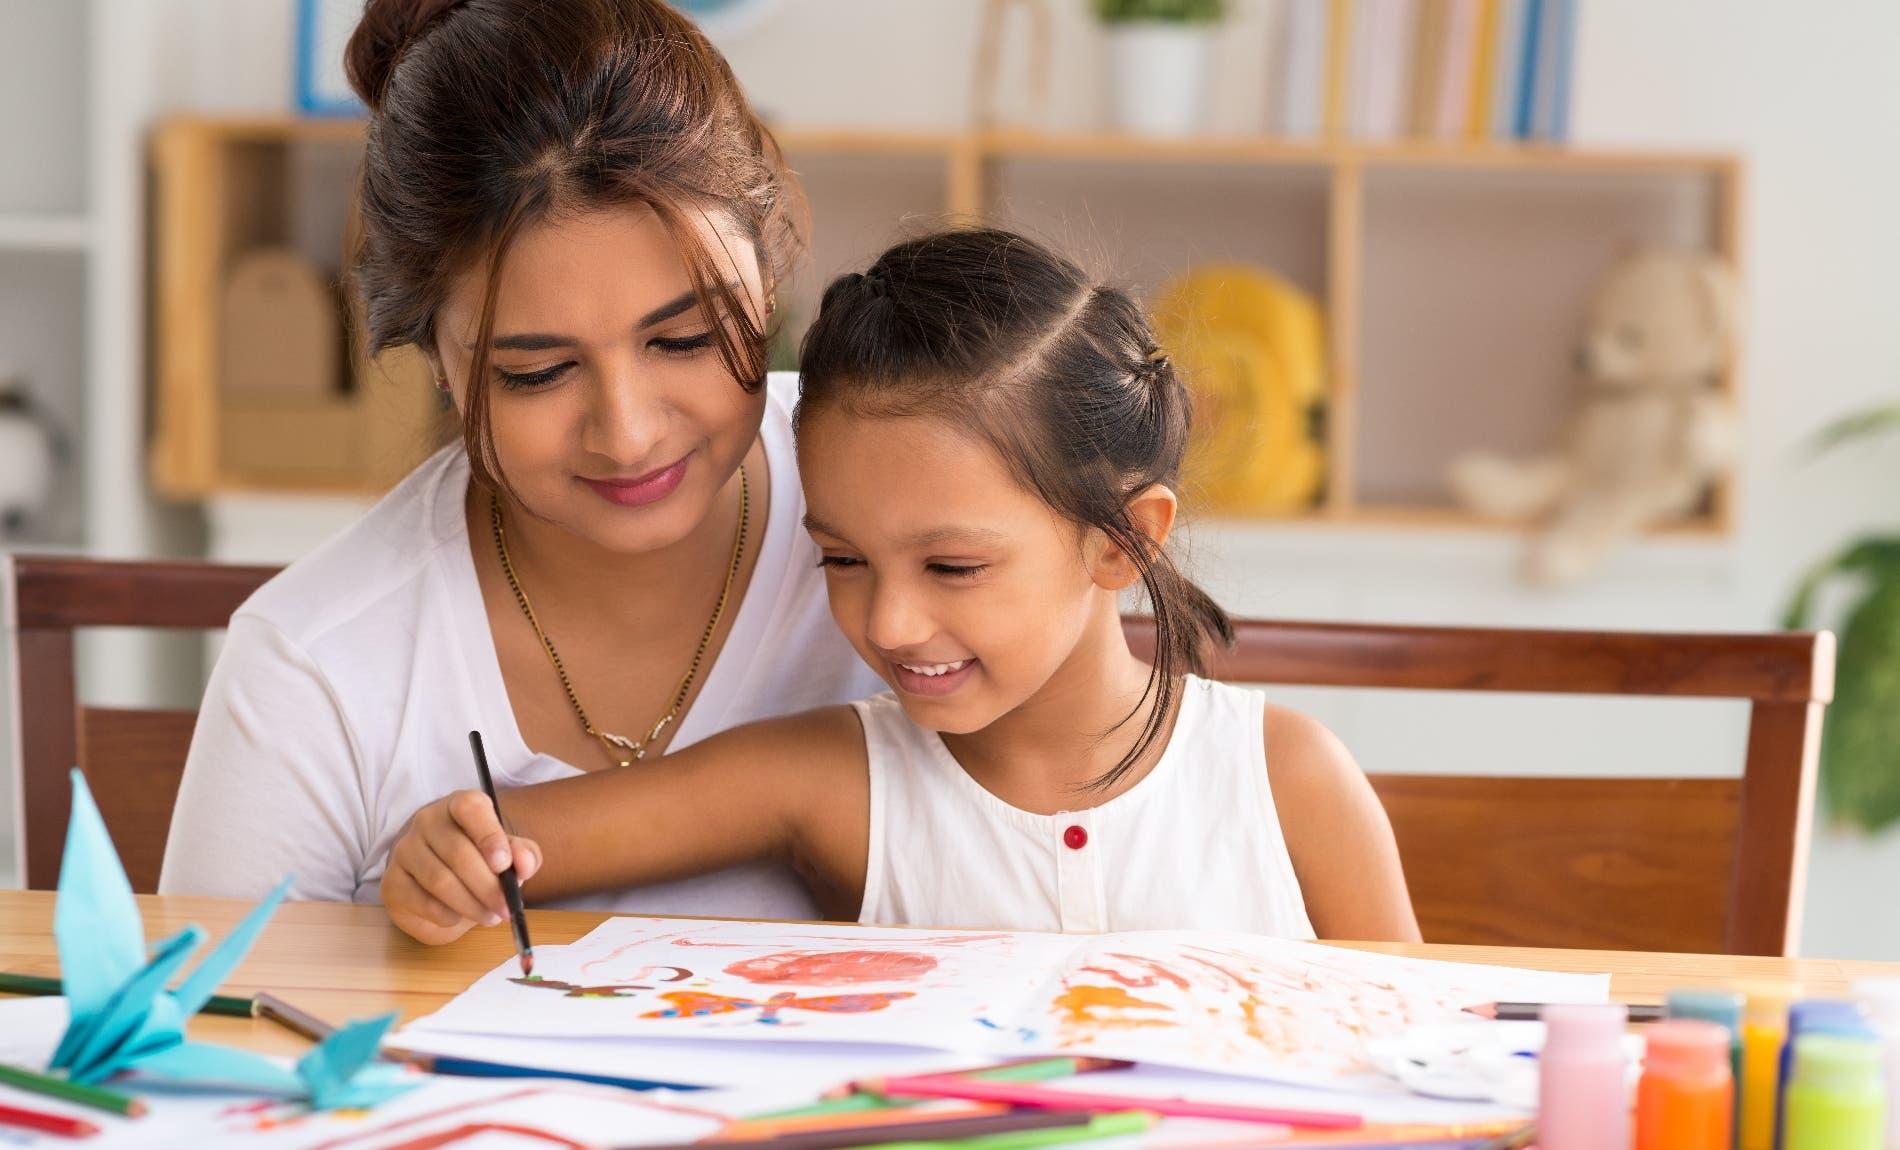 Los hijos necesitan  alcanzar su potencial en términos de liderazgo, no  materiales.